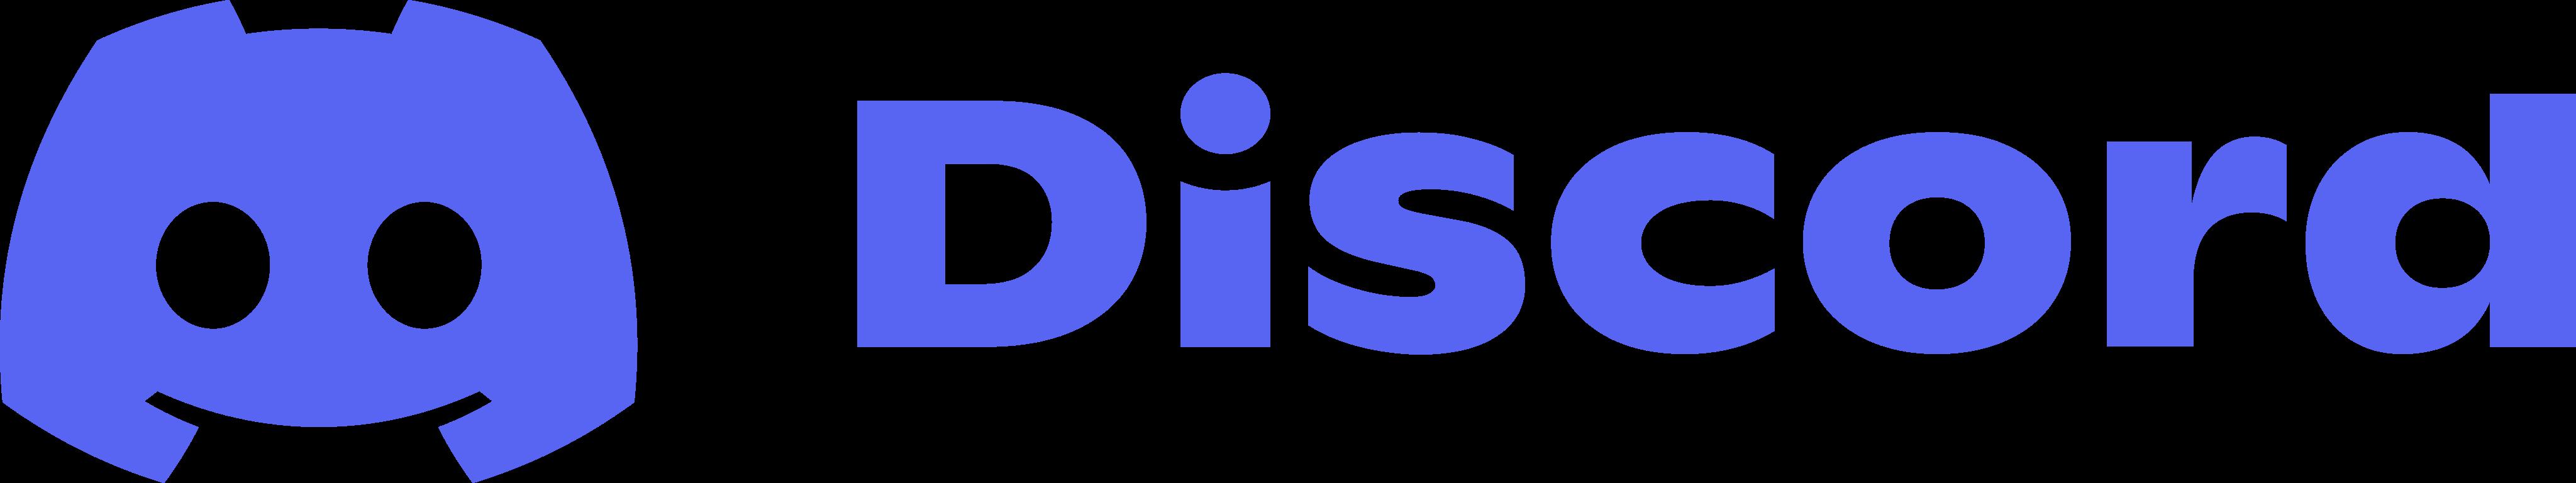 discord logo 16 - Discord Logo